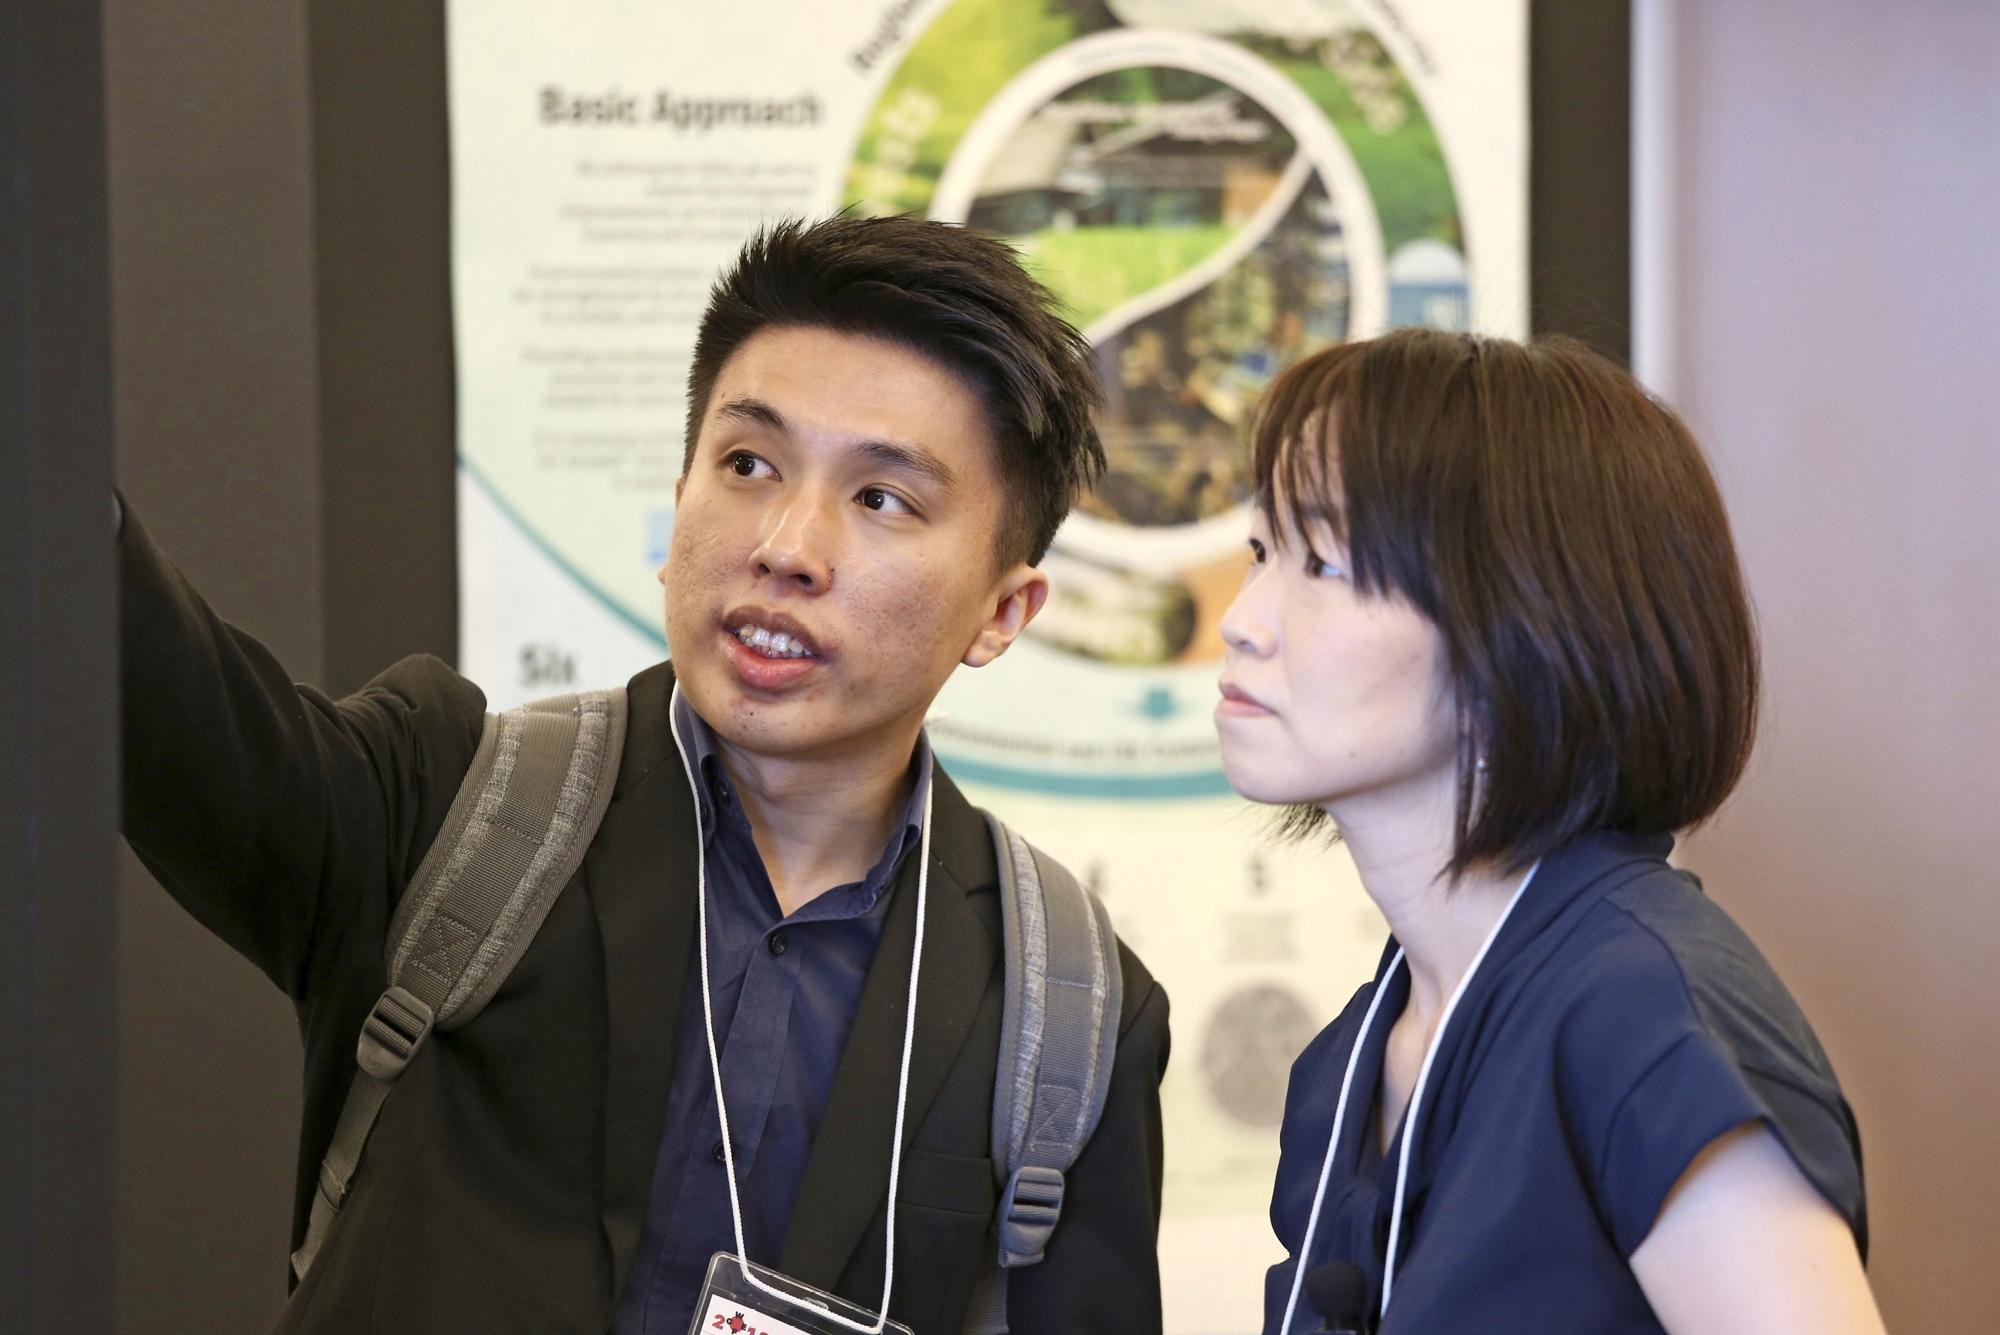 Japani on sitoutunut kestävään materiaalitalouteen vuodesta 2000 lähtien. Se tarkoittaa alueellisia kiertotaloustoimia, elinkaariajattelua, kestävyyttä tukevia teknologioita, paikallisten resurssien käyttöä kestävien yhteisöjen rakentamisessa sekä kansainvälistä resurssien kiertoa.